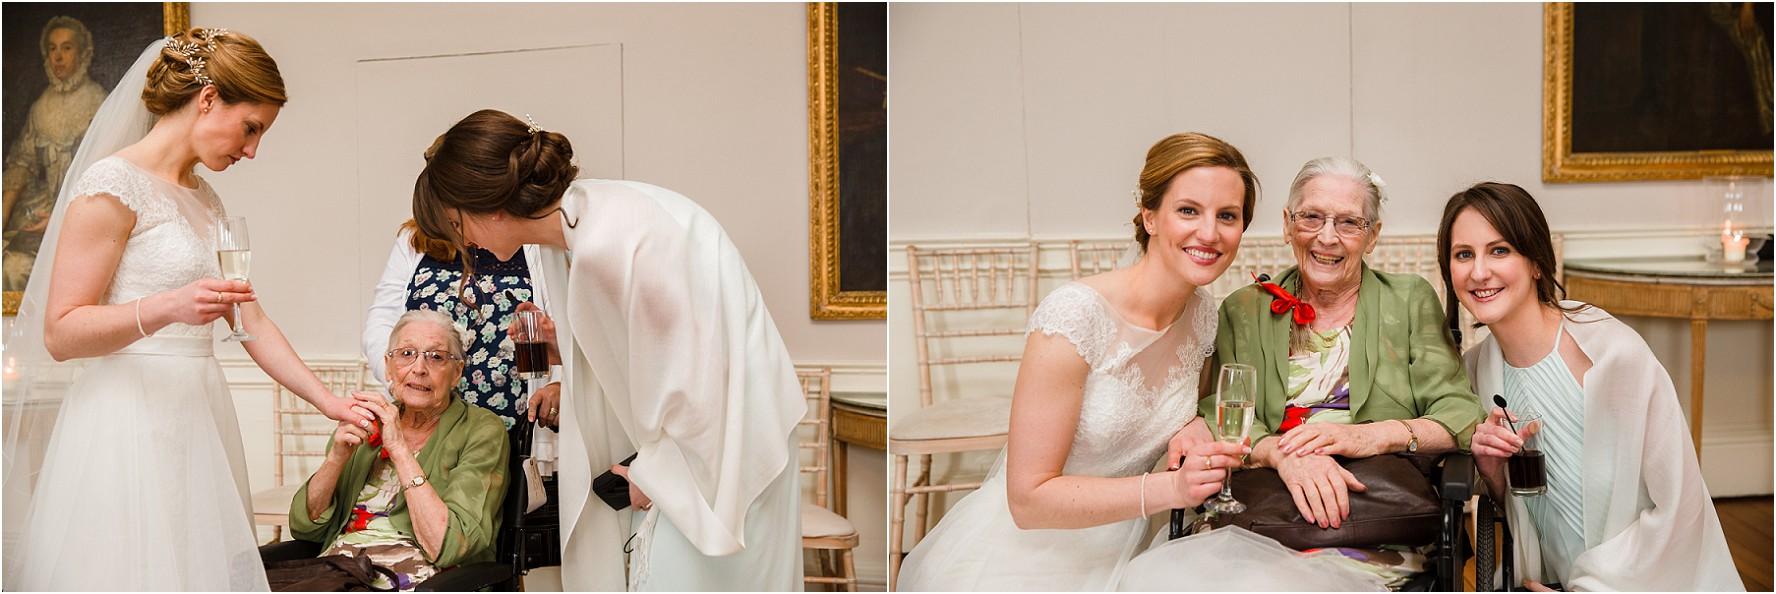 Wedding Photography Norwood Park_0115